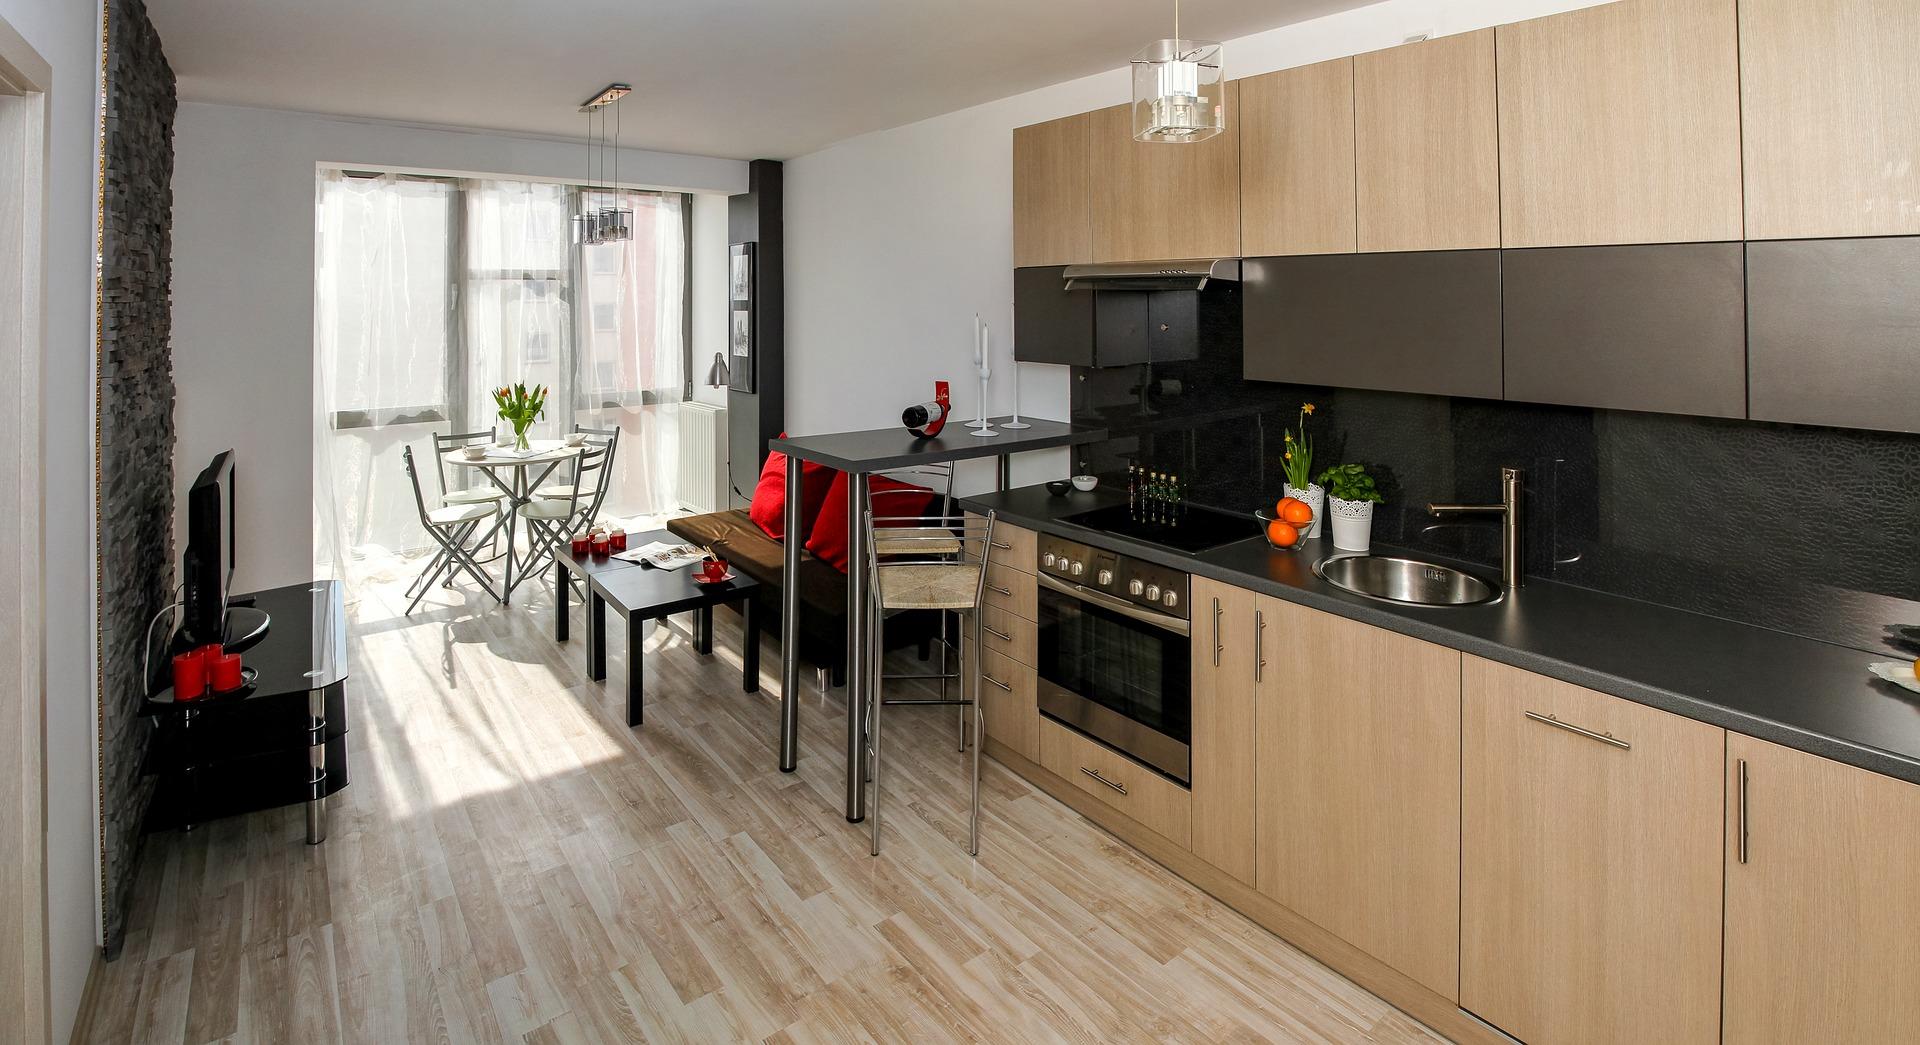 Ceny mieszkań w Poznaniu na stabilnym poziomie 1